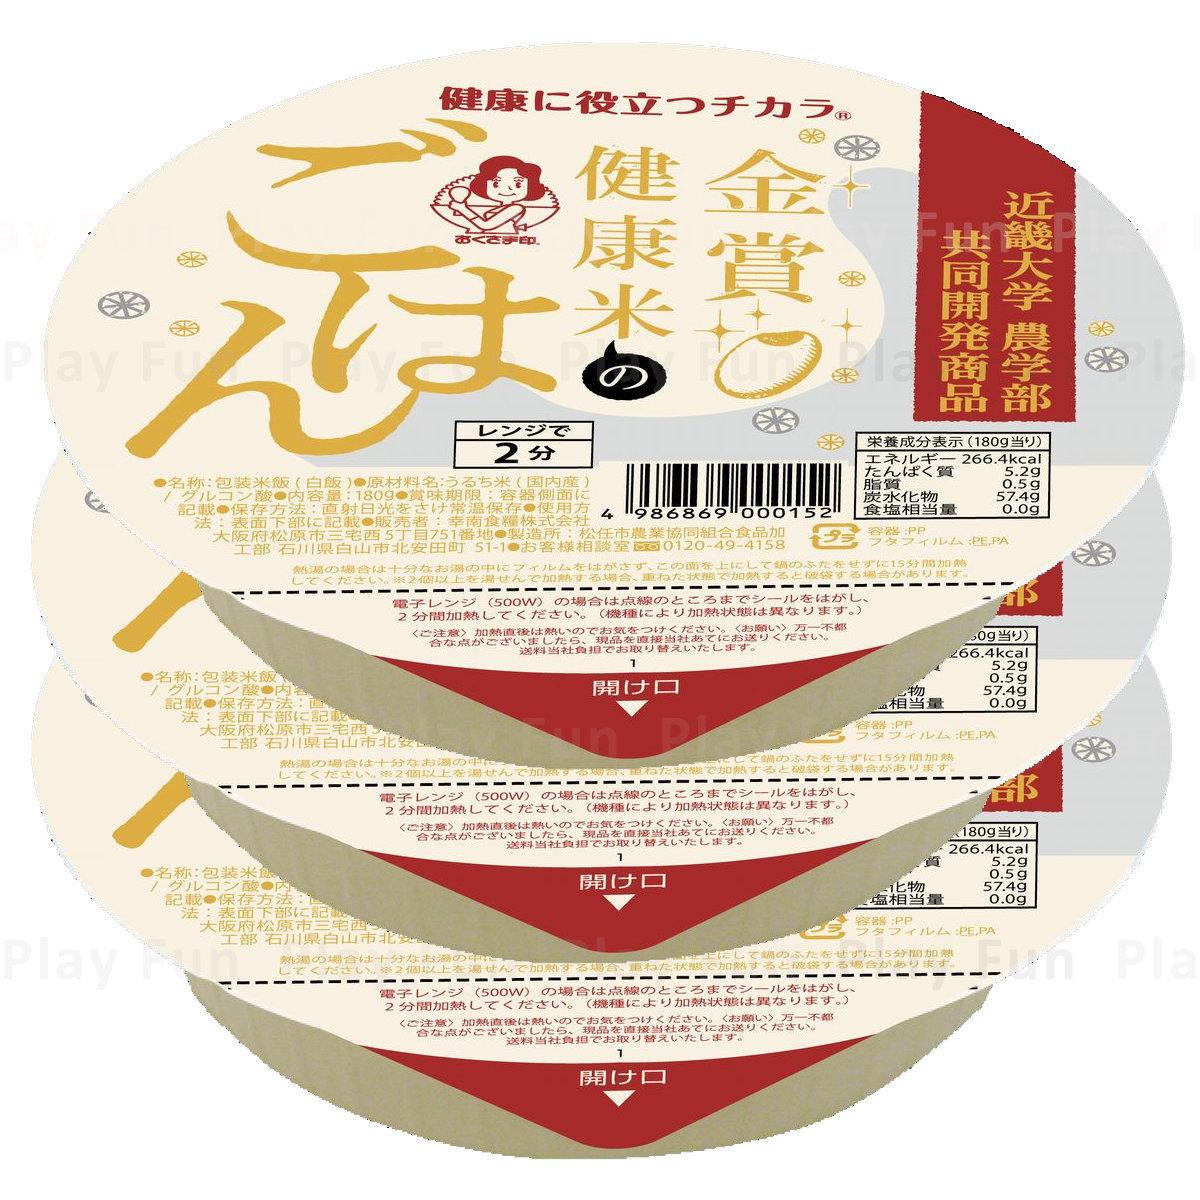 幸南食糧 - 金賞健康米即食飯 180g x 3  (4986869000169_3)